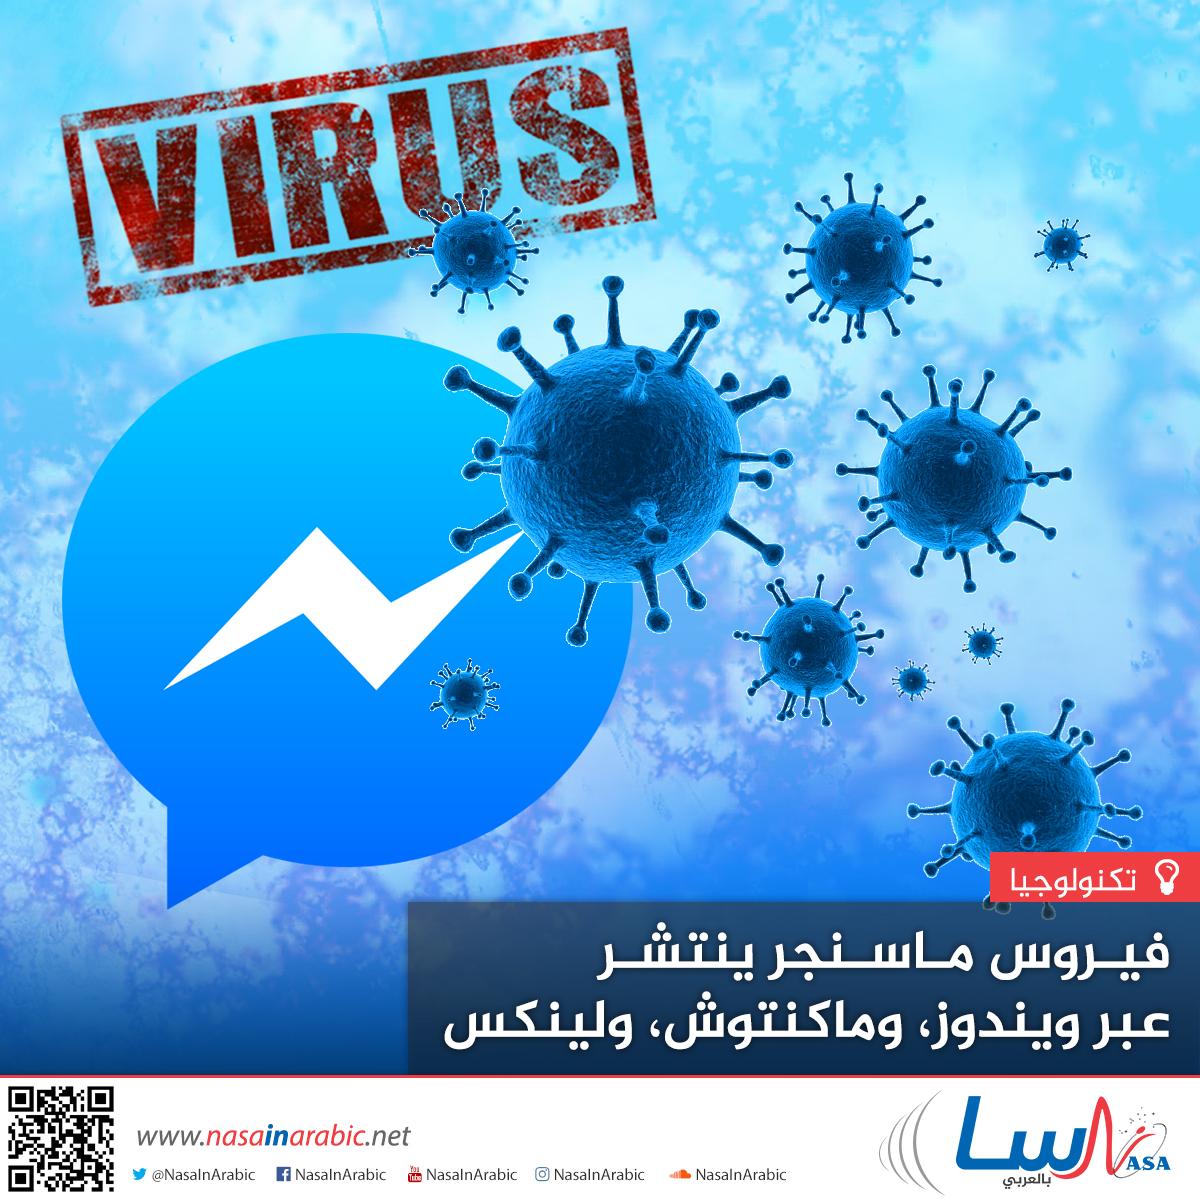 فيروس ماسنجر ينتشر عبر ويندوز، وماكنتوش، ولينكس